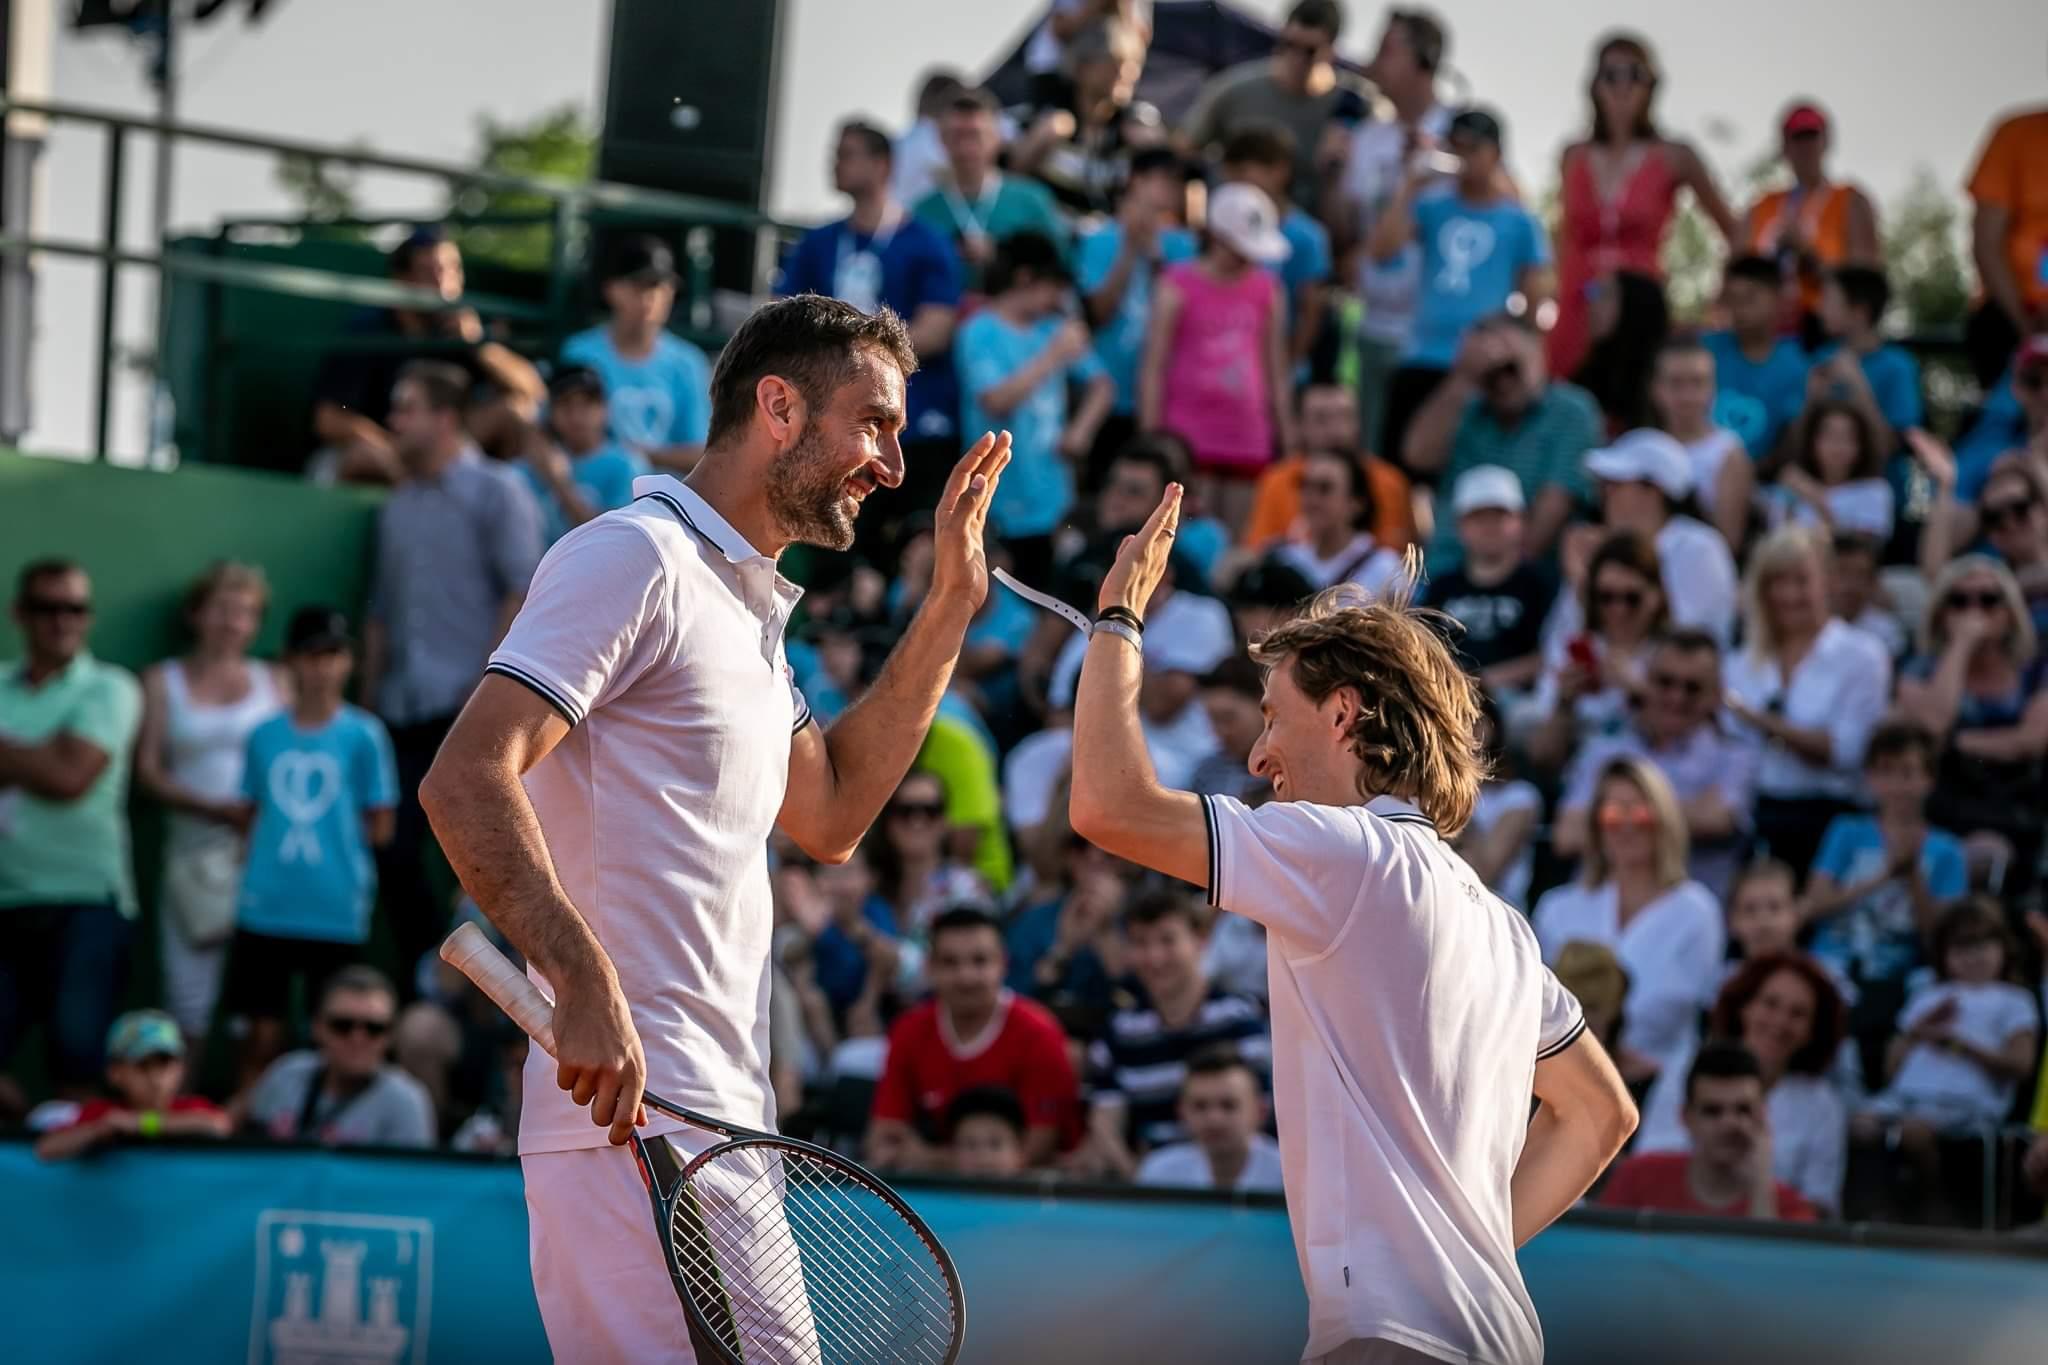 Модрич и Манджукич приняли участие в благотворительном теннисном турнире